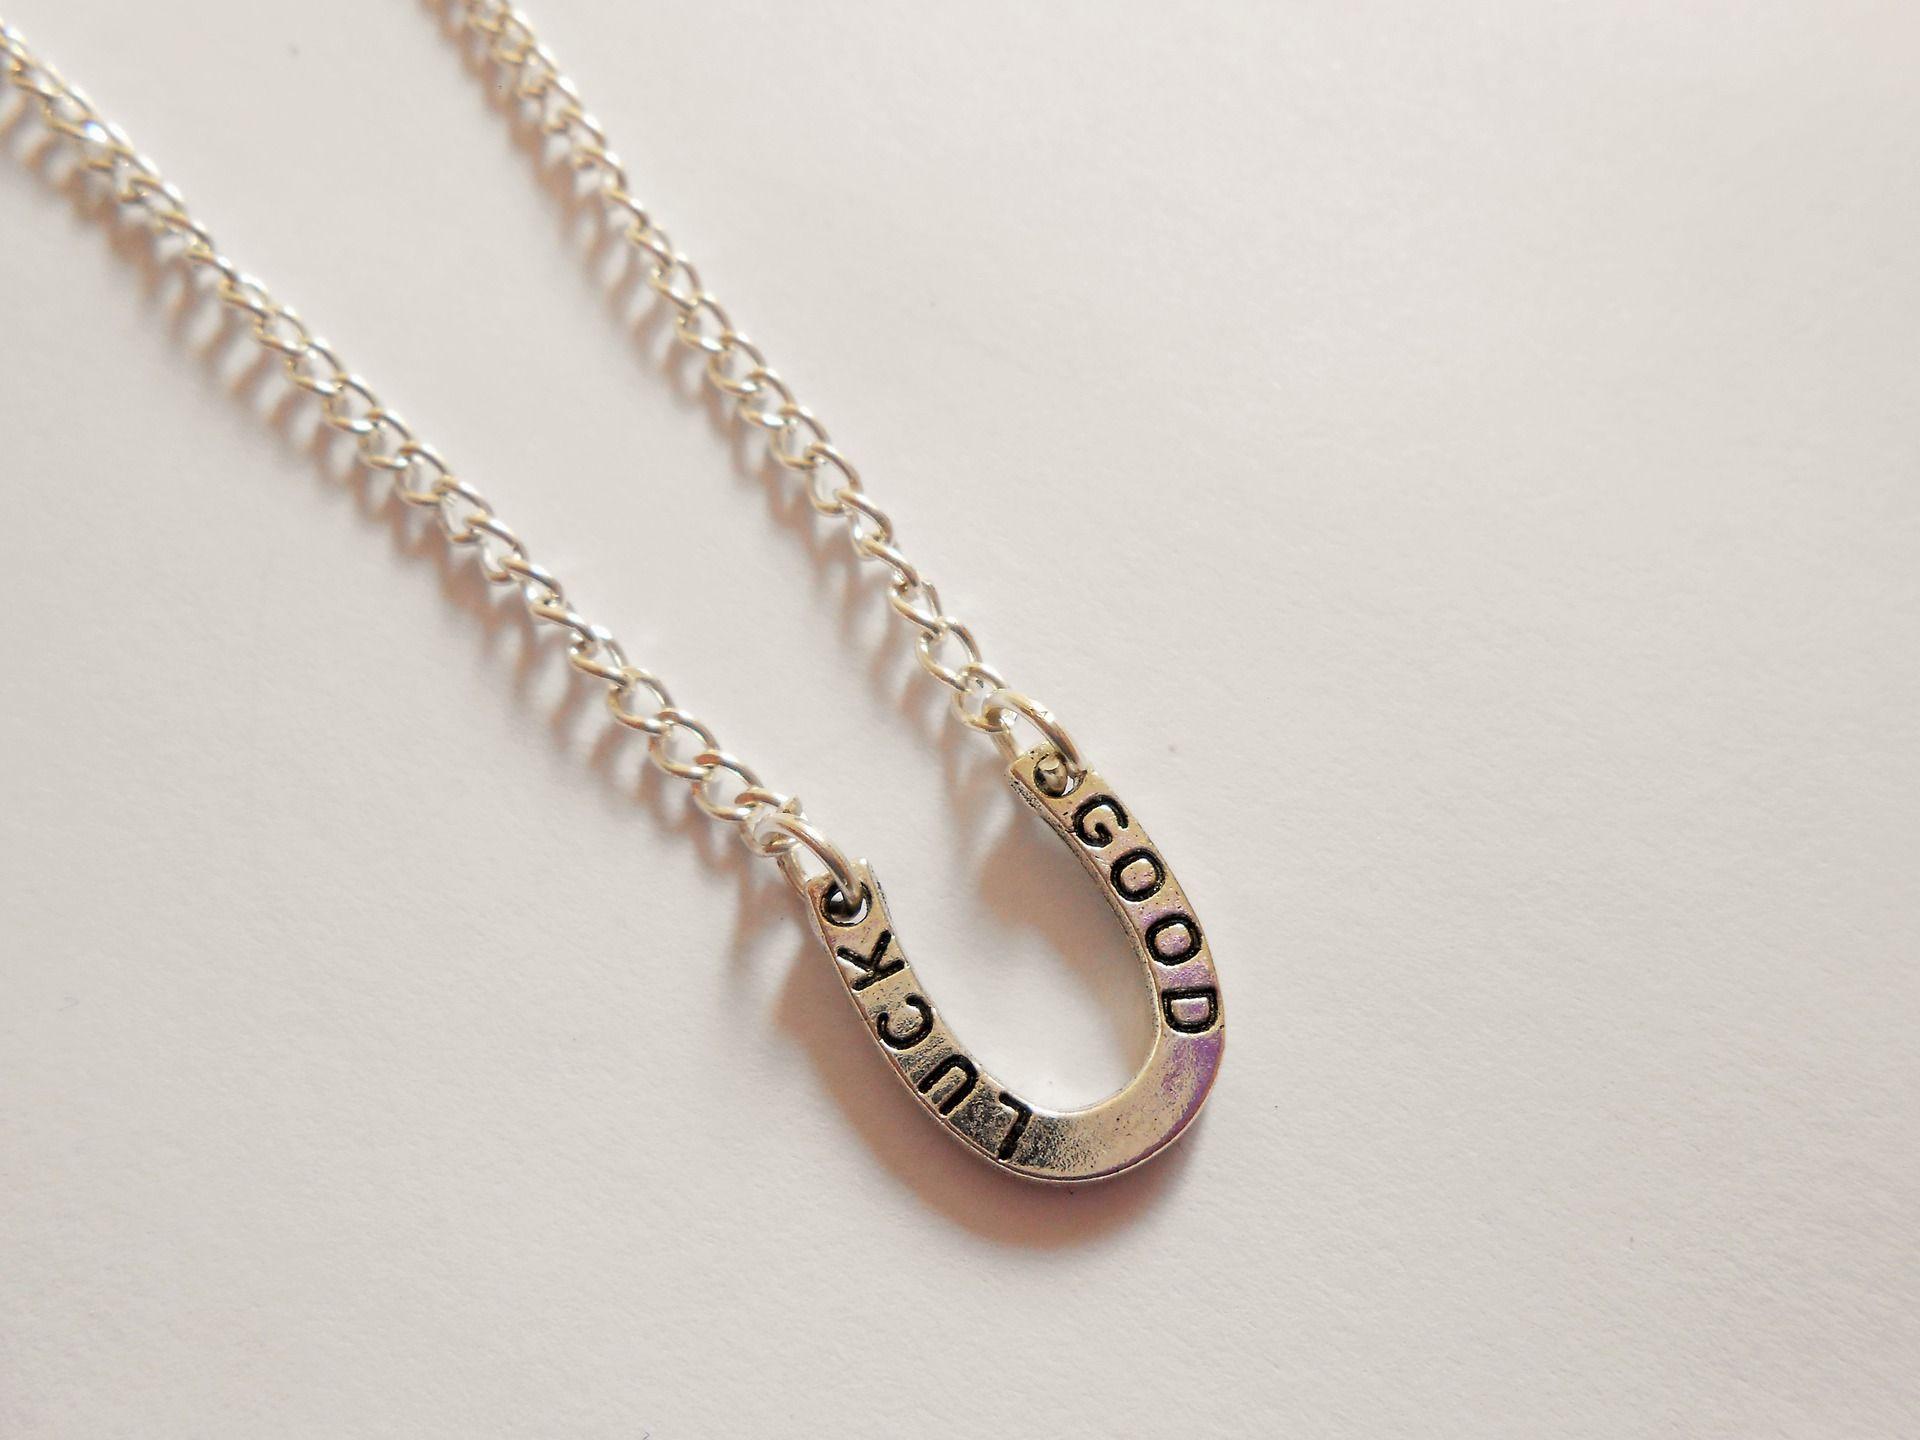 mode de luxe dernière collection nouveaux prix plus bas collier fer à cheval - collier porte bonheur - collier good ...